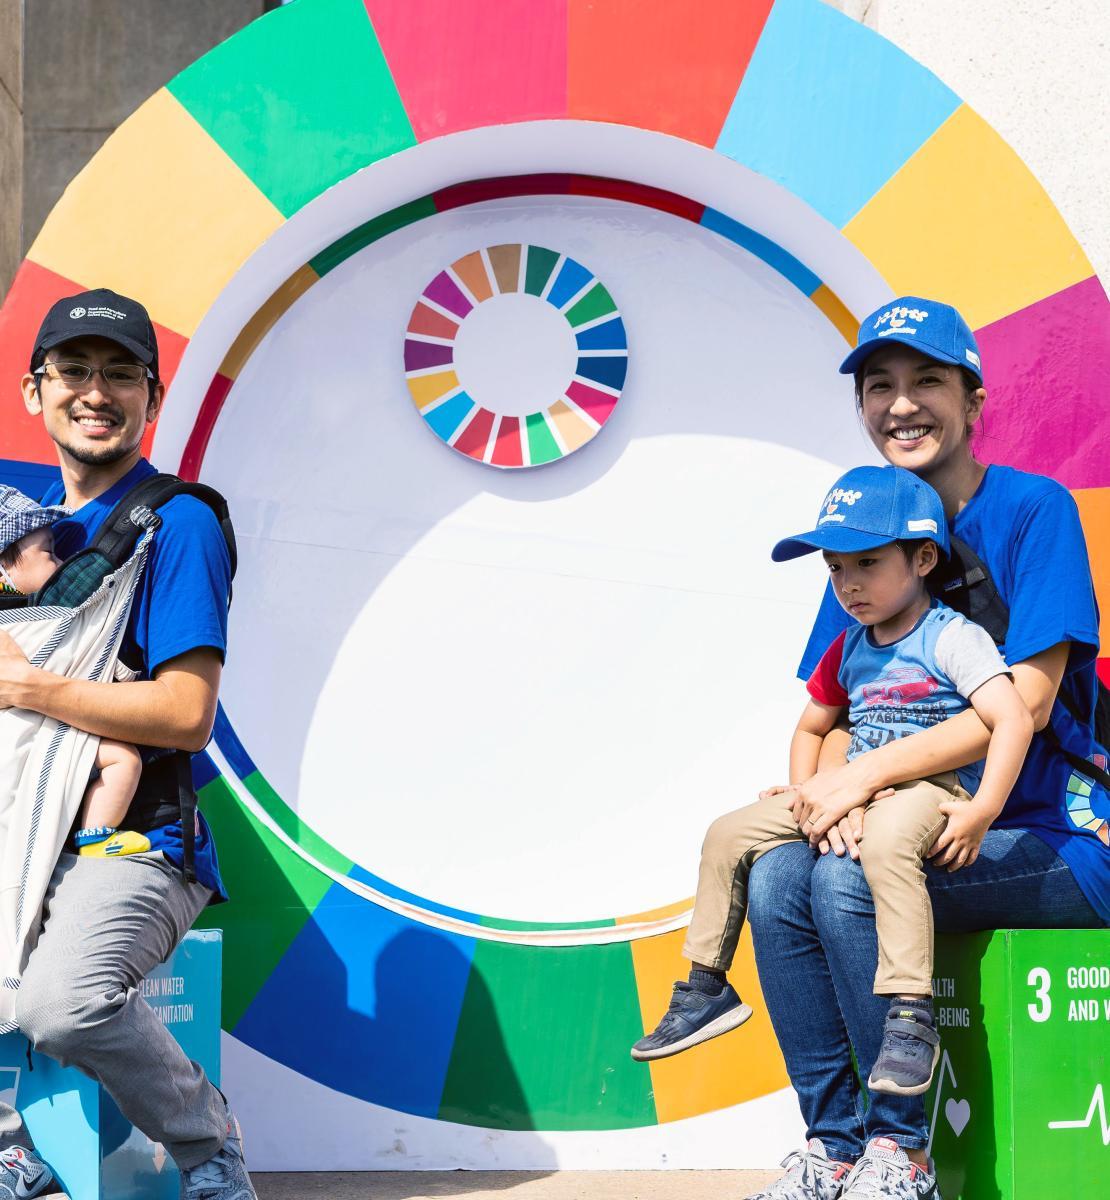 يحمل كل من الأب والأم طفلًا في أحضانهما بينما يبتسمان للكاميرا جالسين أمام عجلة أهداف التنمية المستدامة.